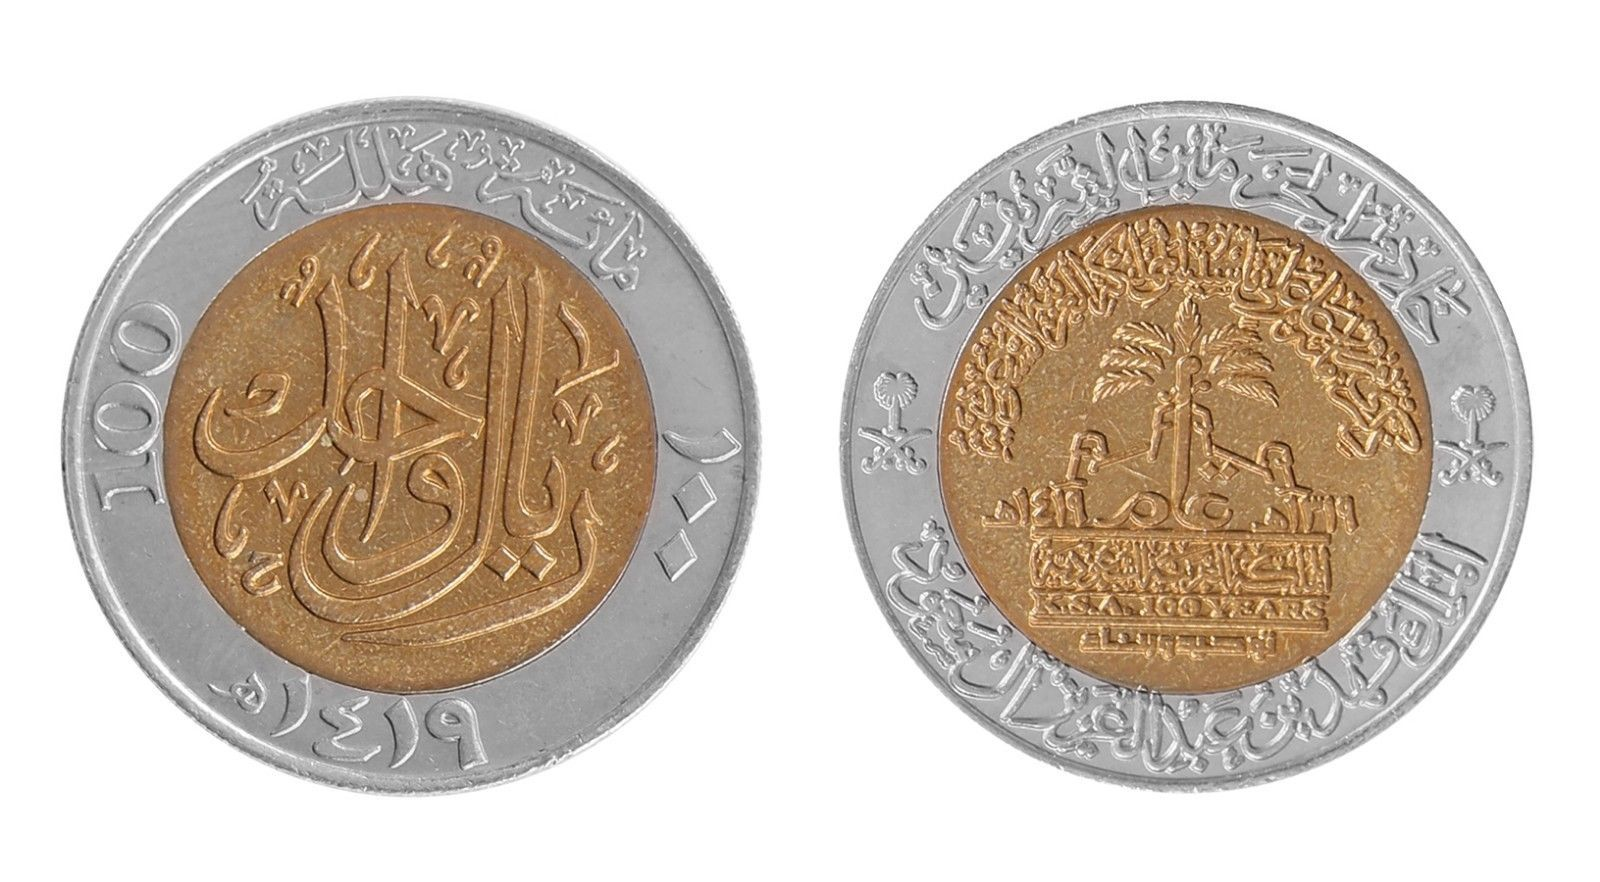 COMMEMORATIVE PROOF BI-METAL 100 HALALA IN CAPSULE SAUDI ARABIA KM #67